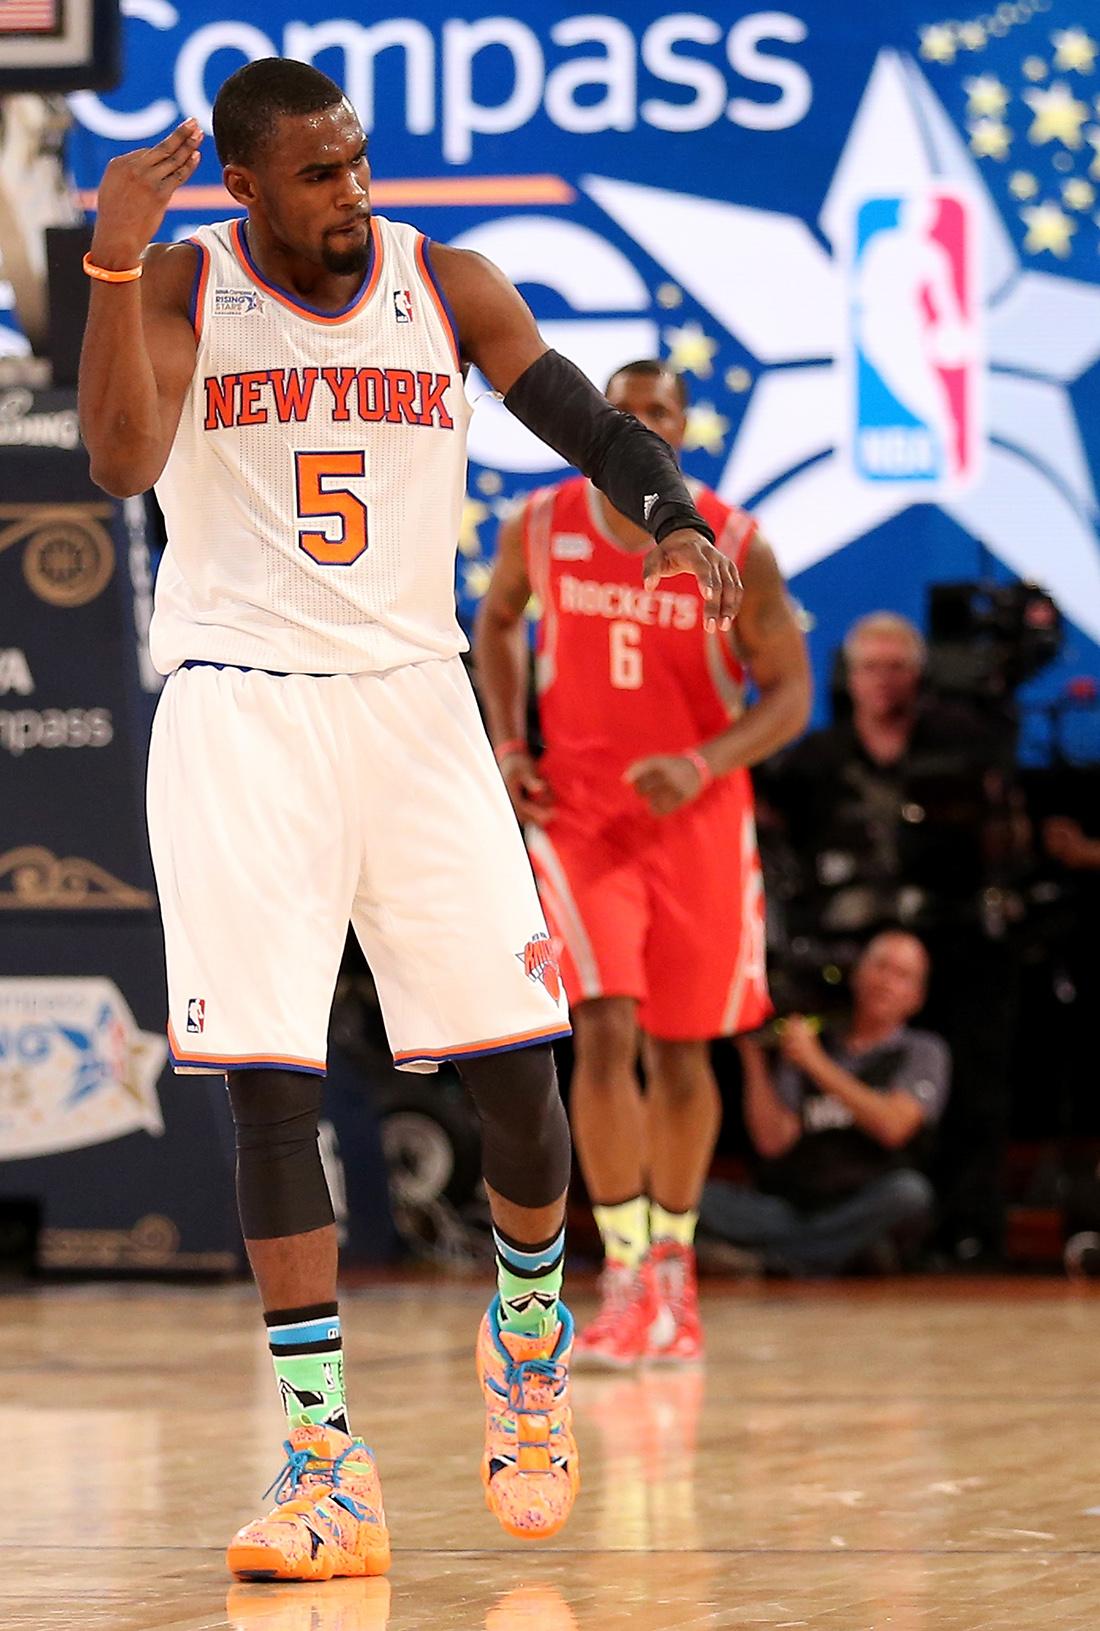 Tim Hardaway Jr RISING STARS en viva basquet